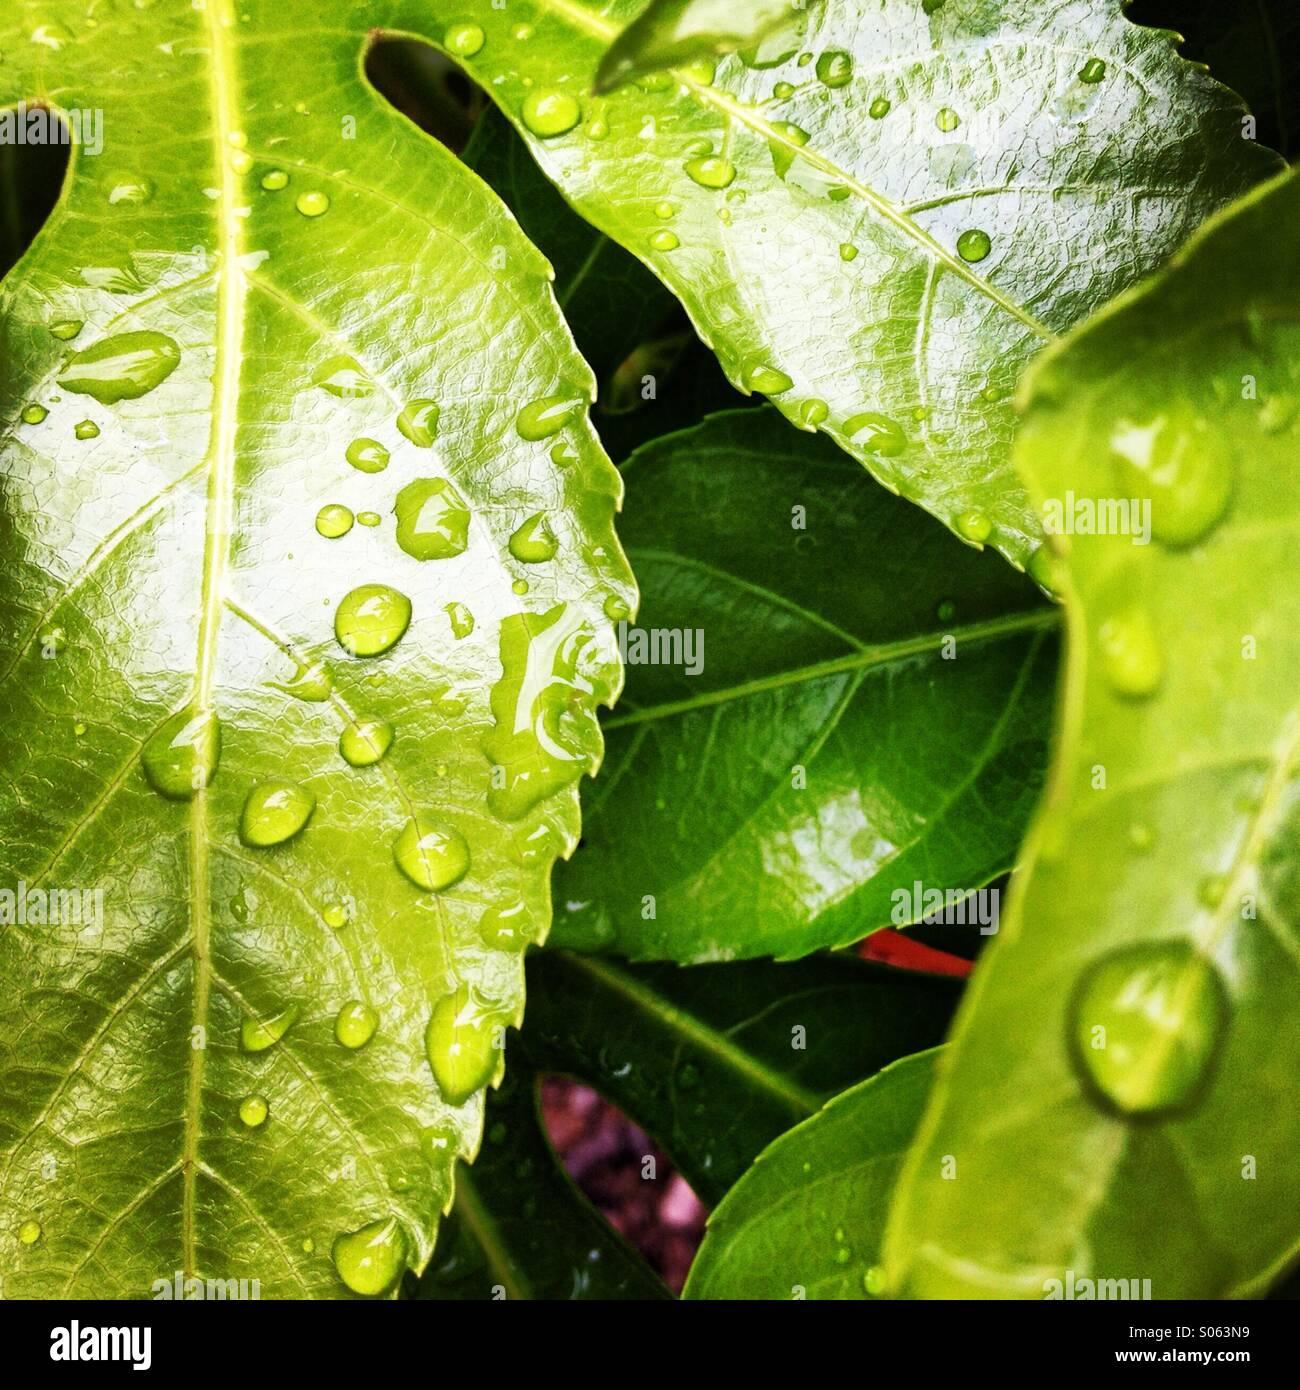 Gocce di pioggia sulla foglia lucidato Immagini Stock